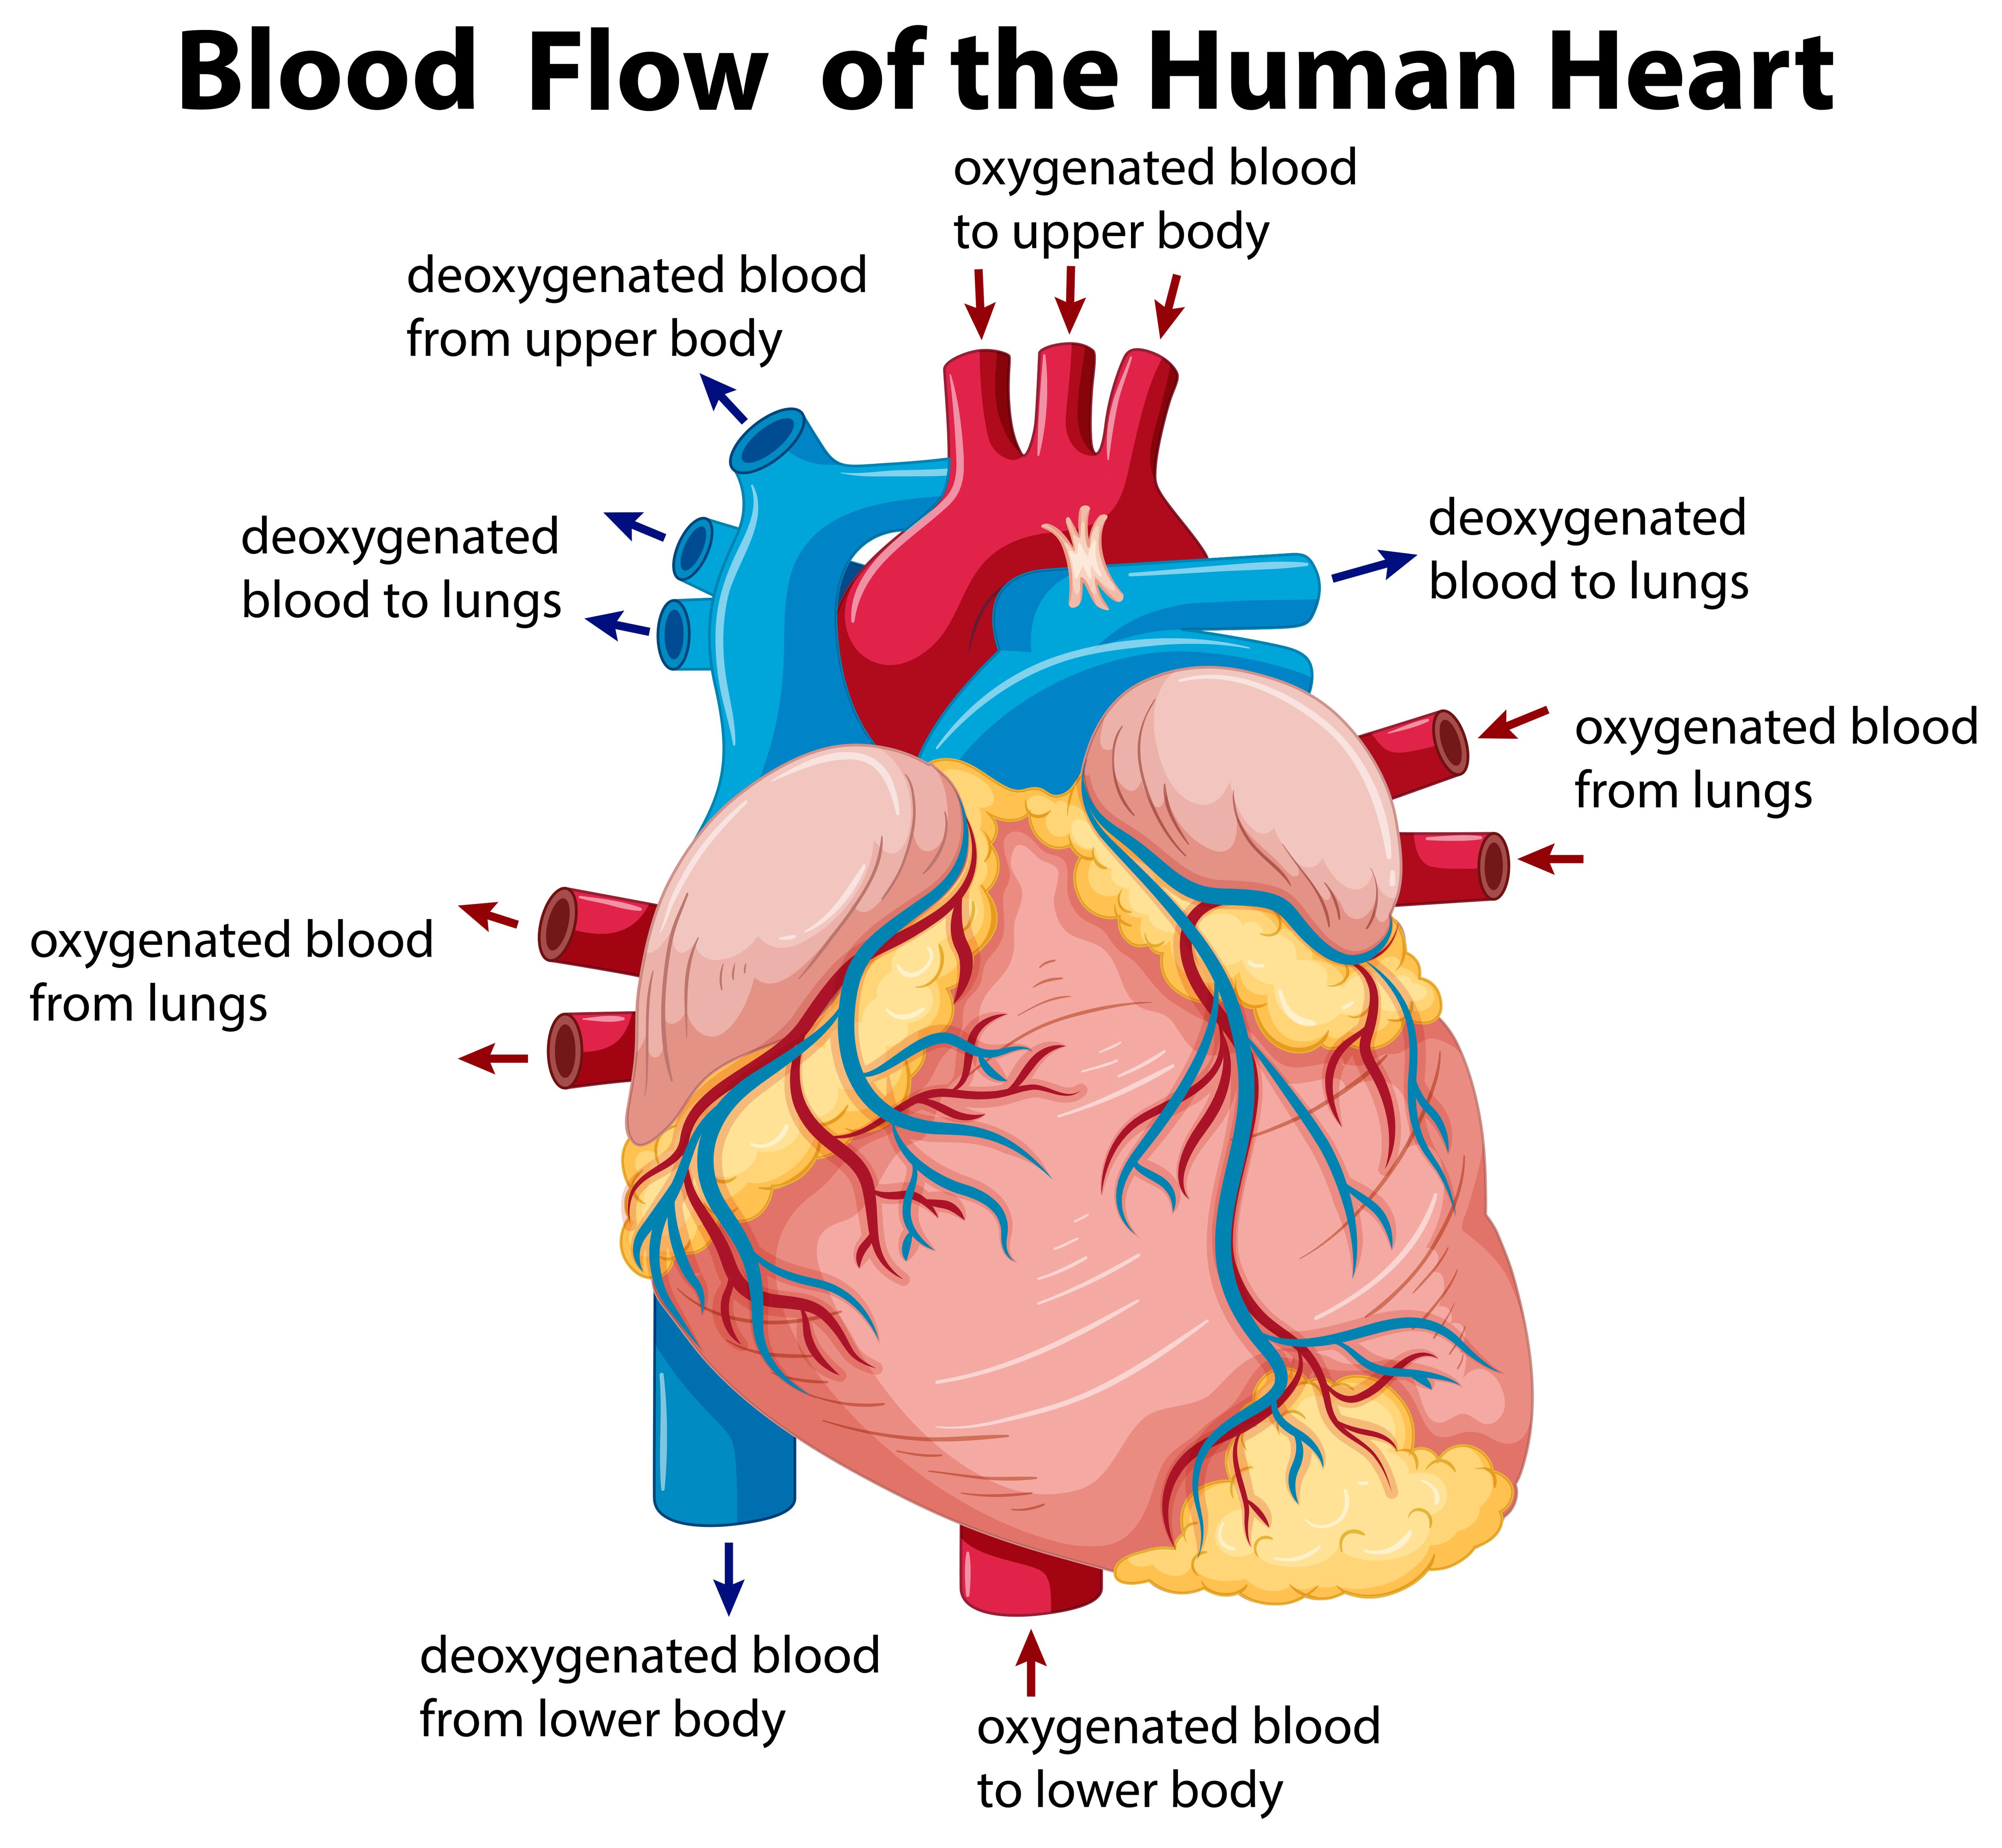 diagram showing blood flow in human heart - download free vectors, clipart  graphics & vector art  vecteezy